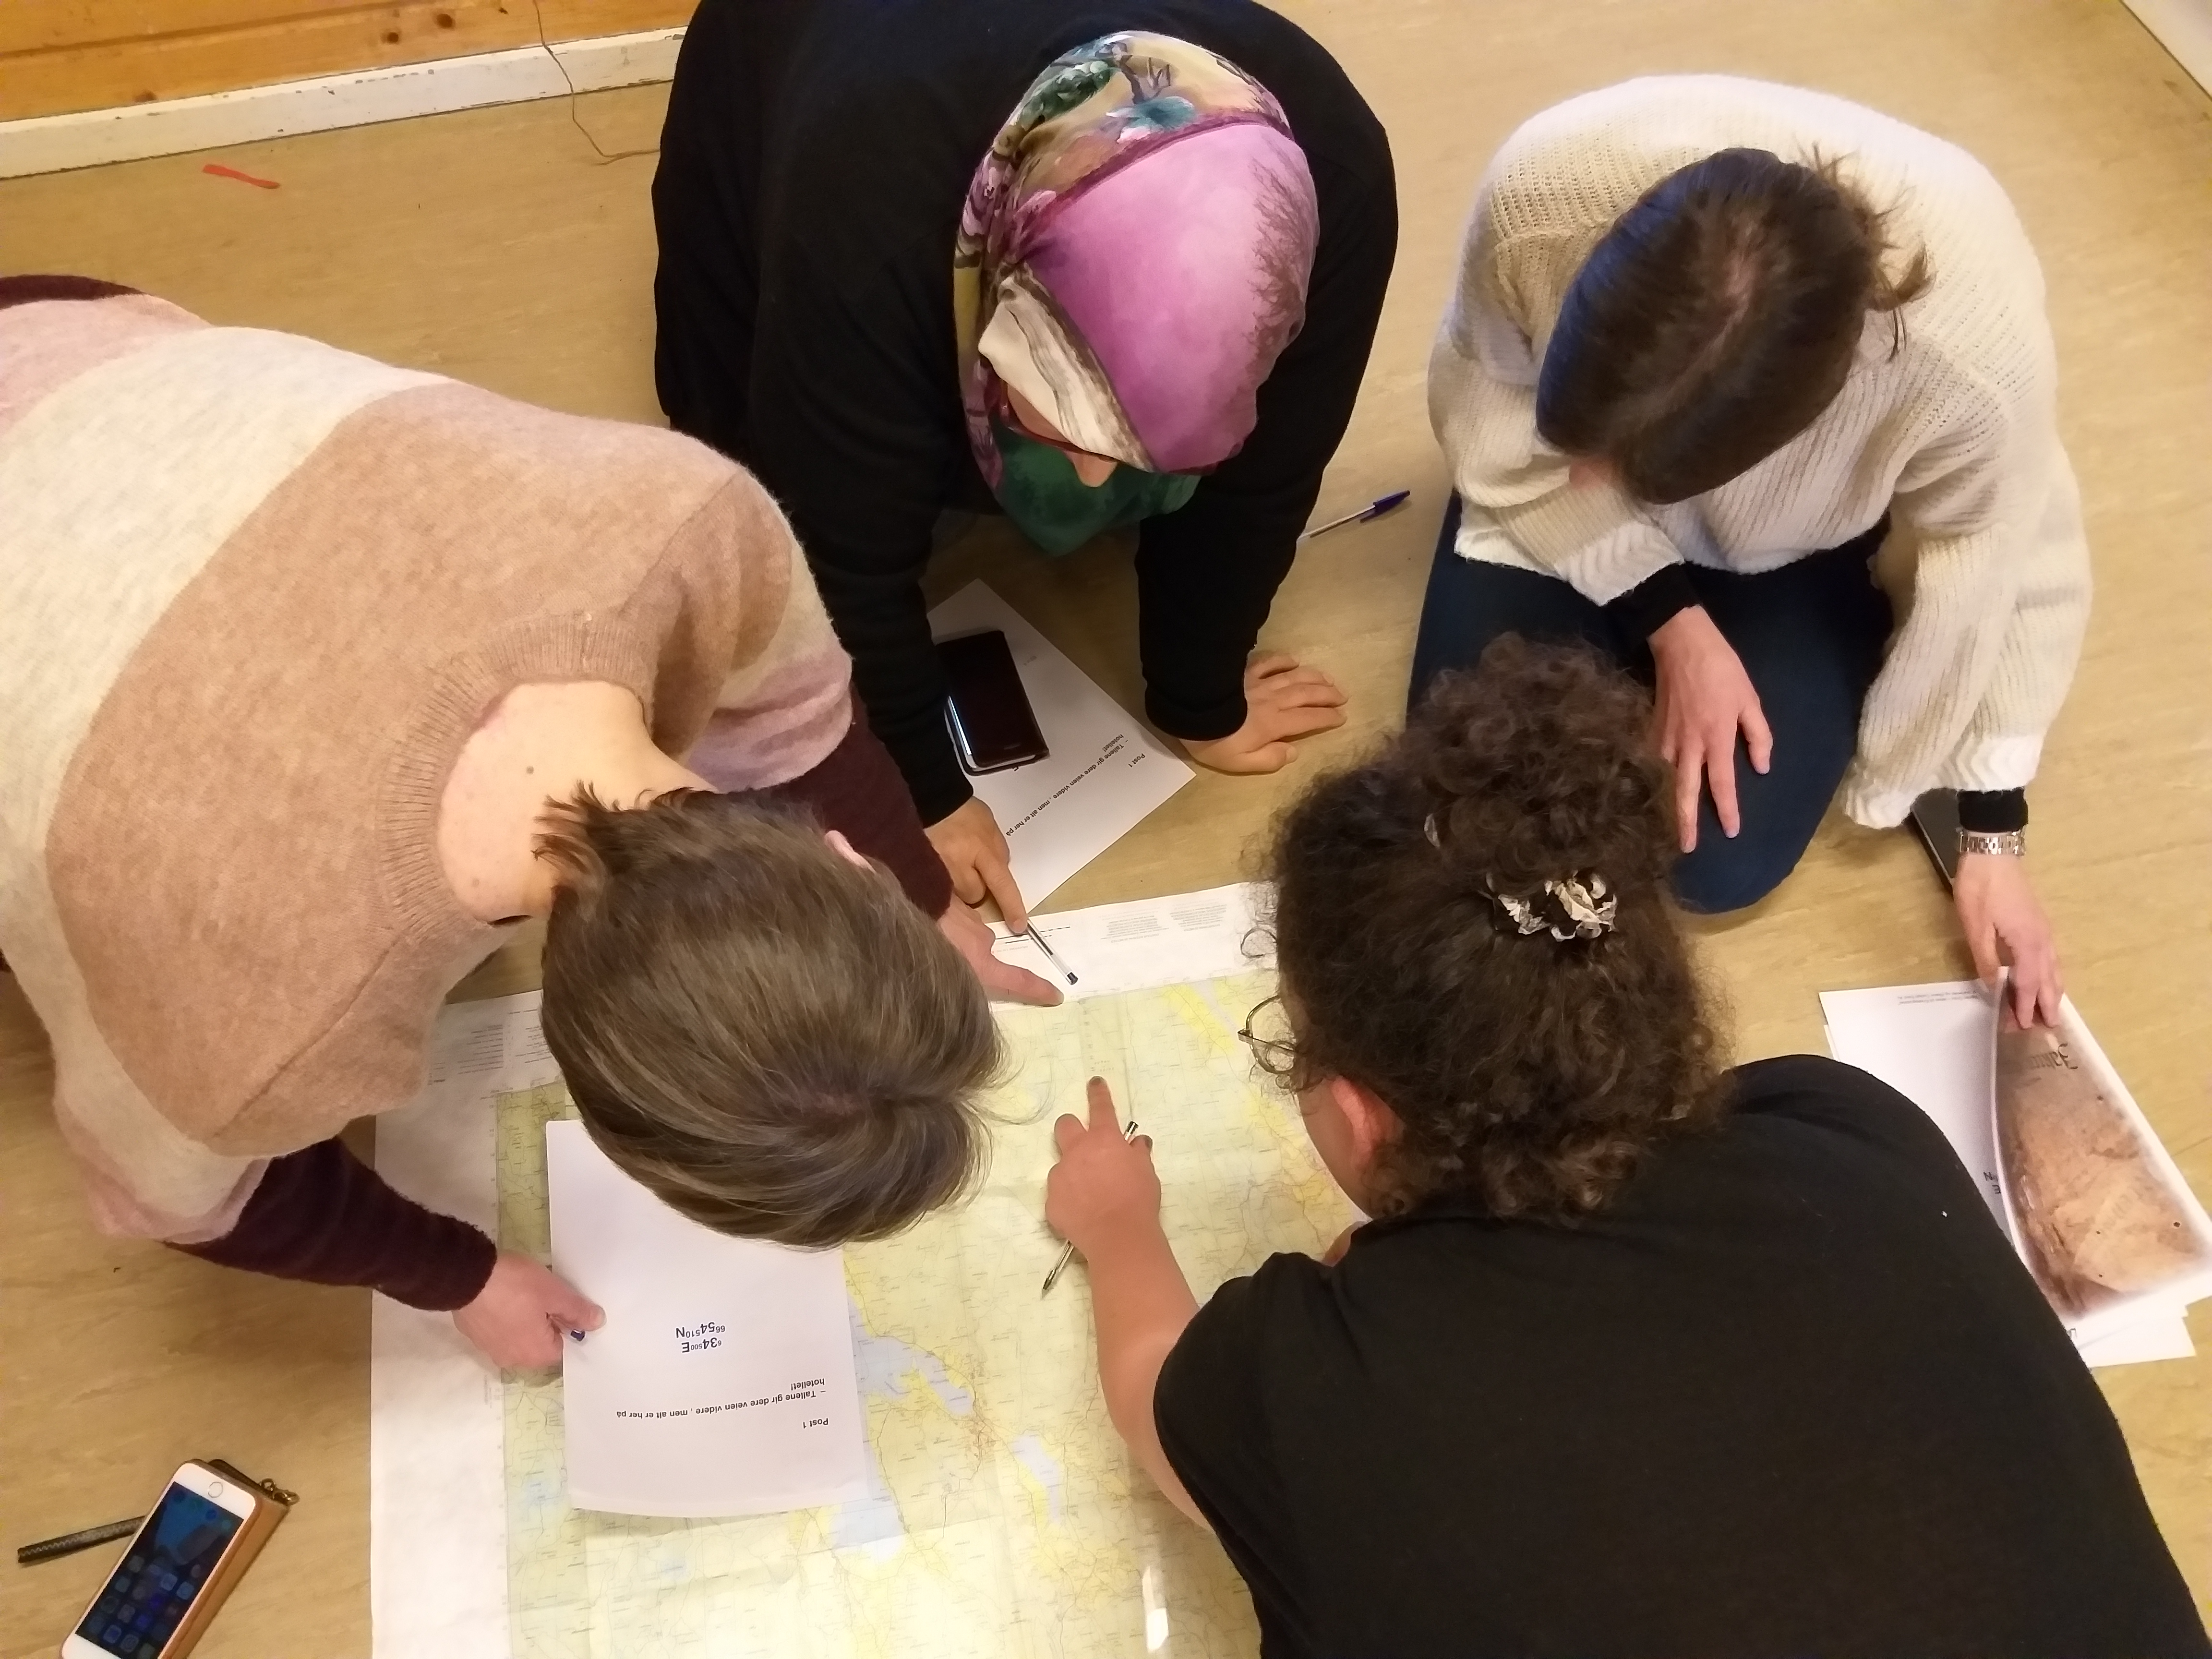 4 personer ligger på gulvet og løser kartoppgave